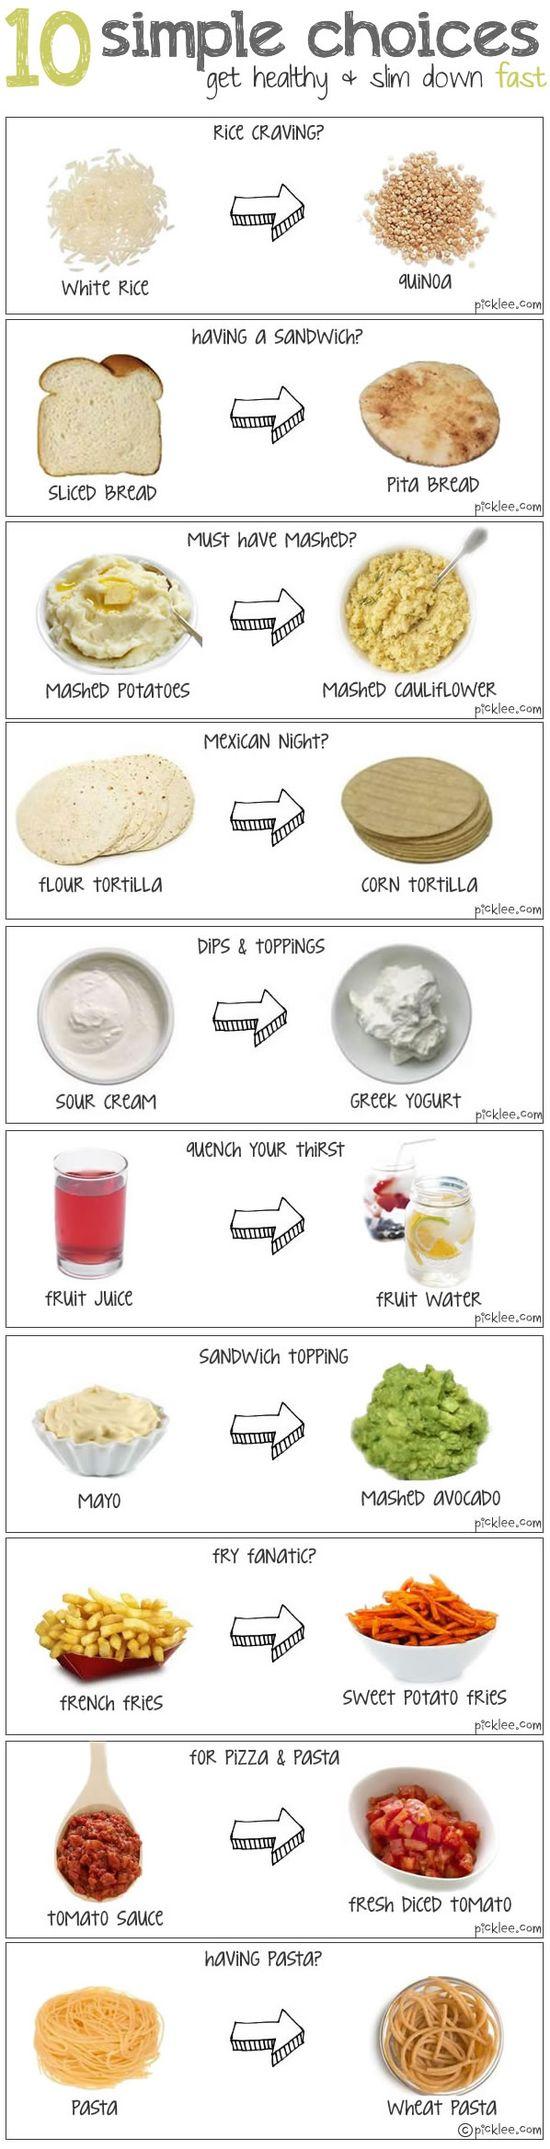 10 Simple Choices